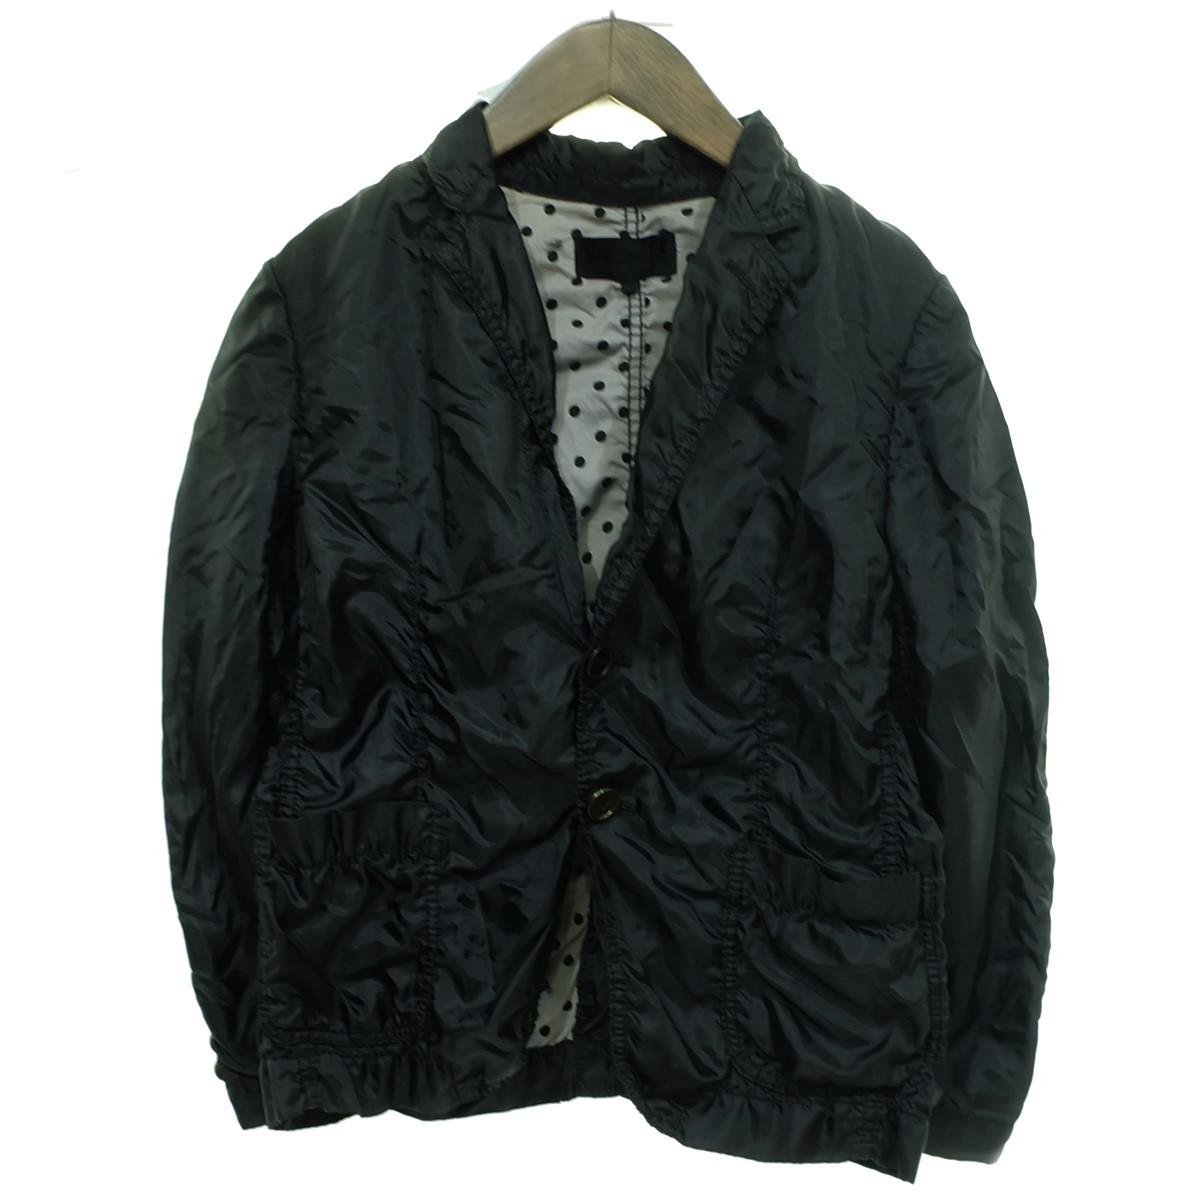 【中古】tricot COMME des GARCONS 16AW 縮絨ジャケット ブラック サイズ:M 【250320】(トリココムデギャルソン)